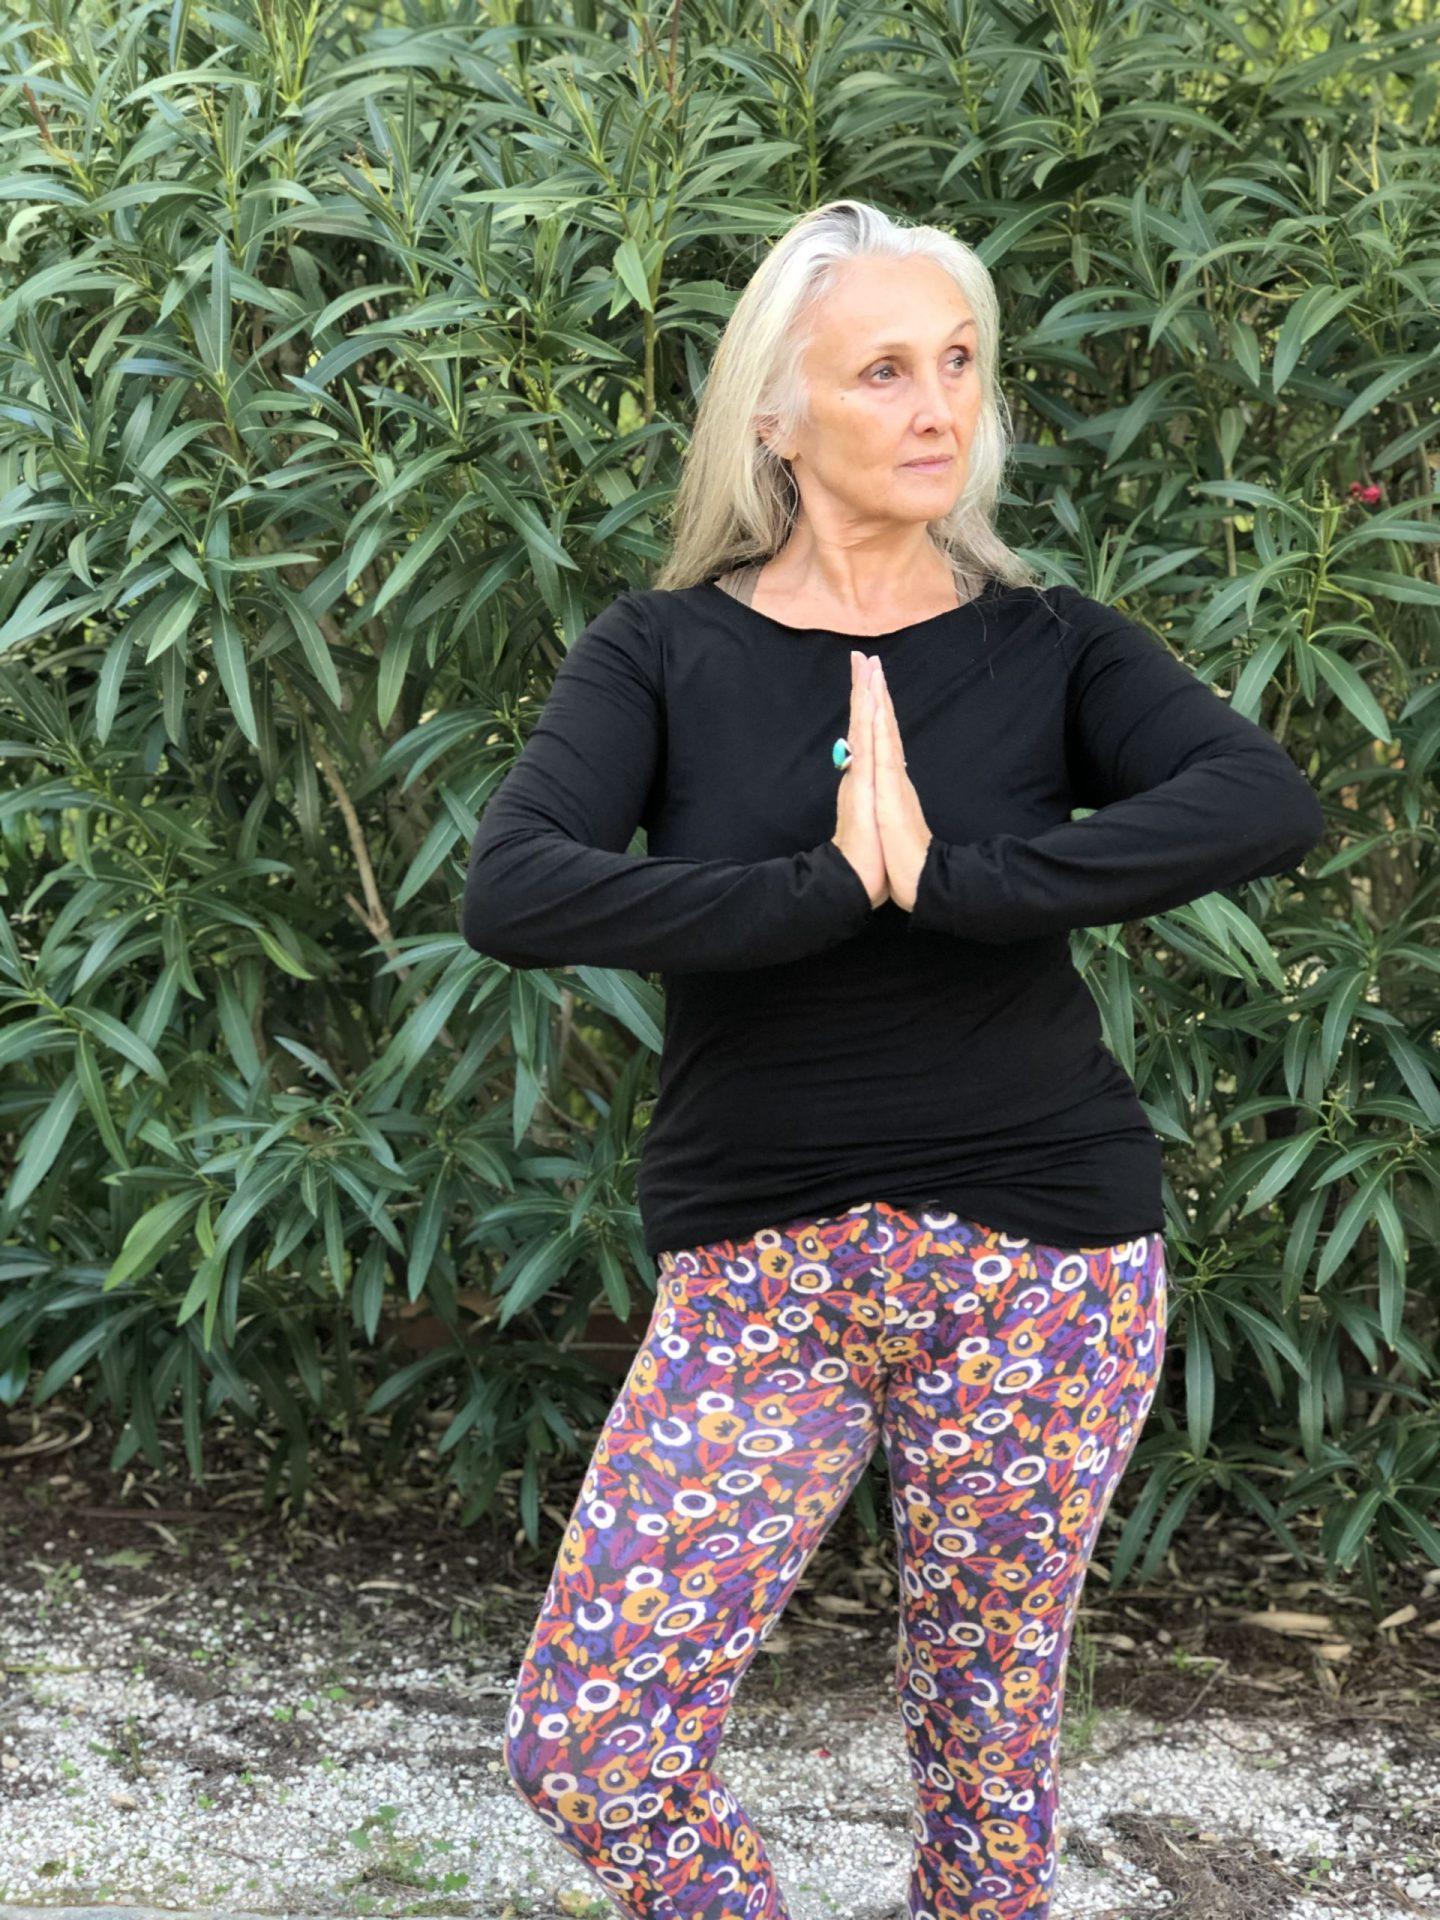 Le yoga va renforcer mon corps